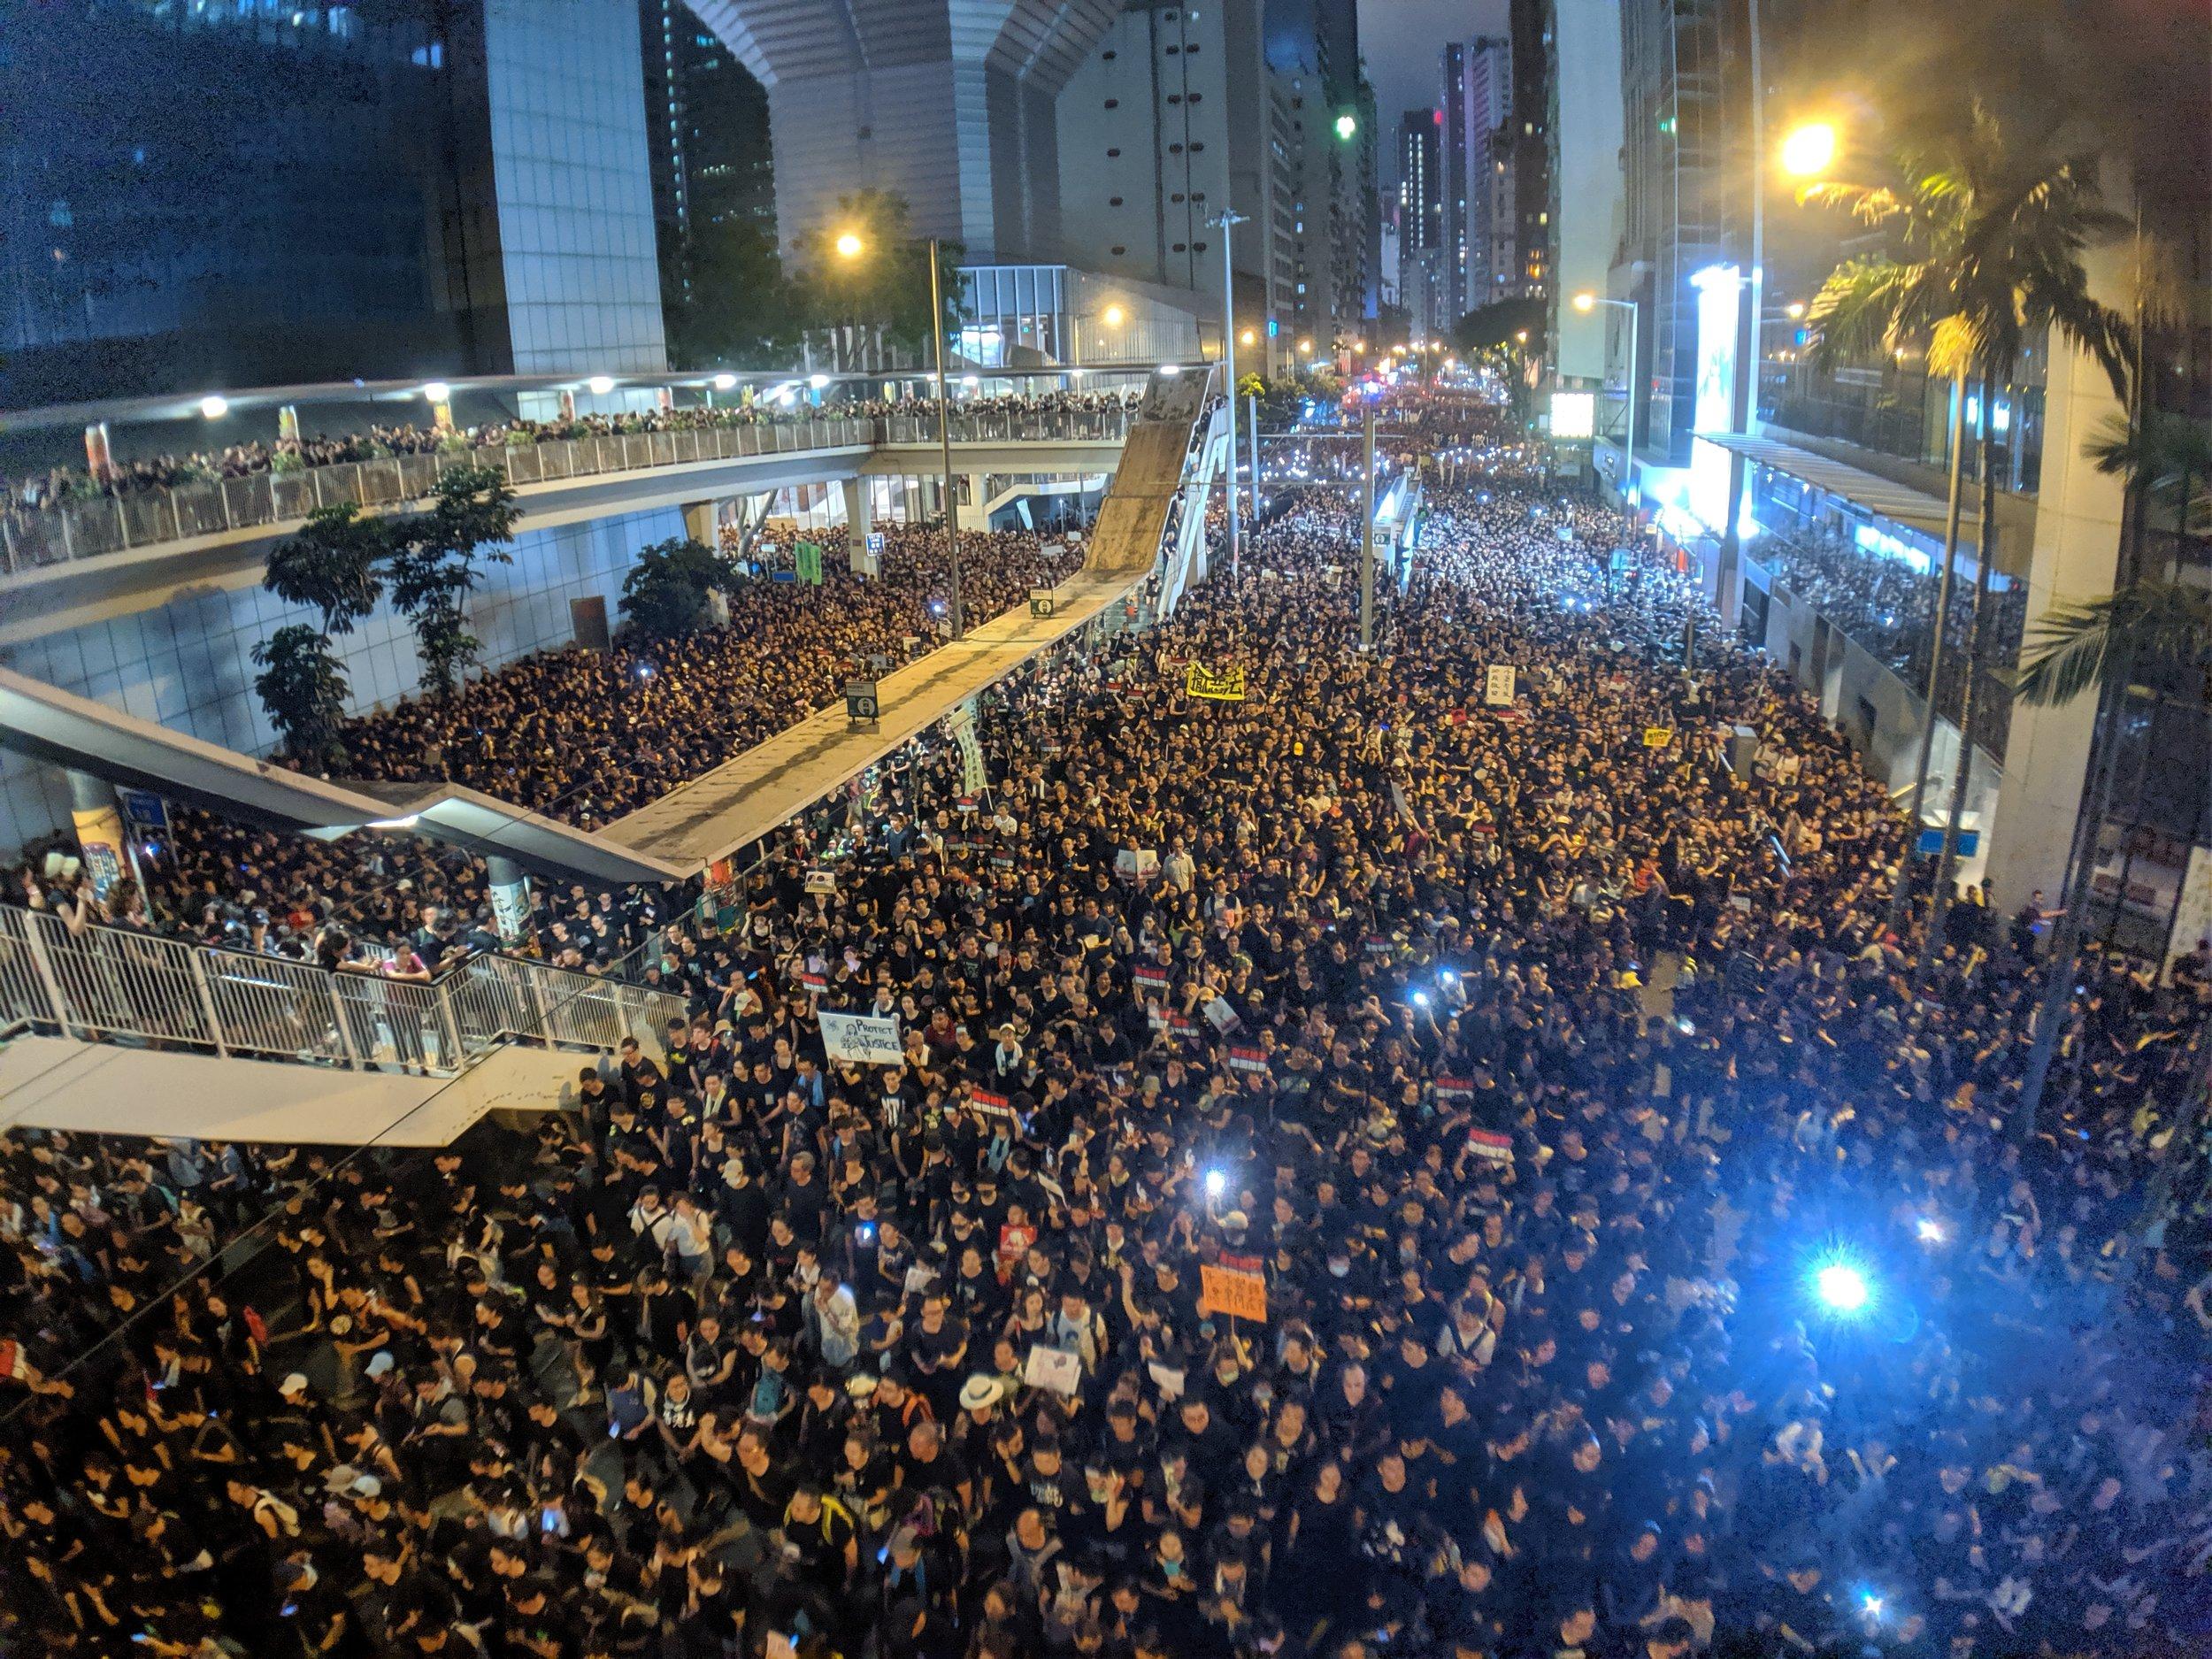 190616_HK_Protest_Incendo_11.jpg